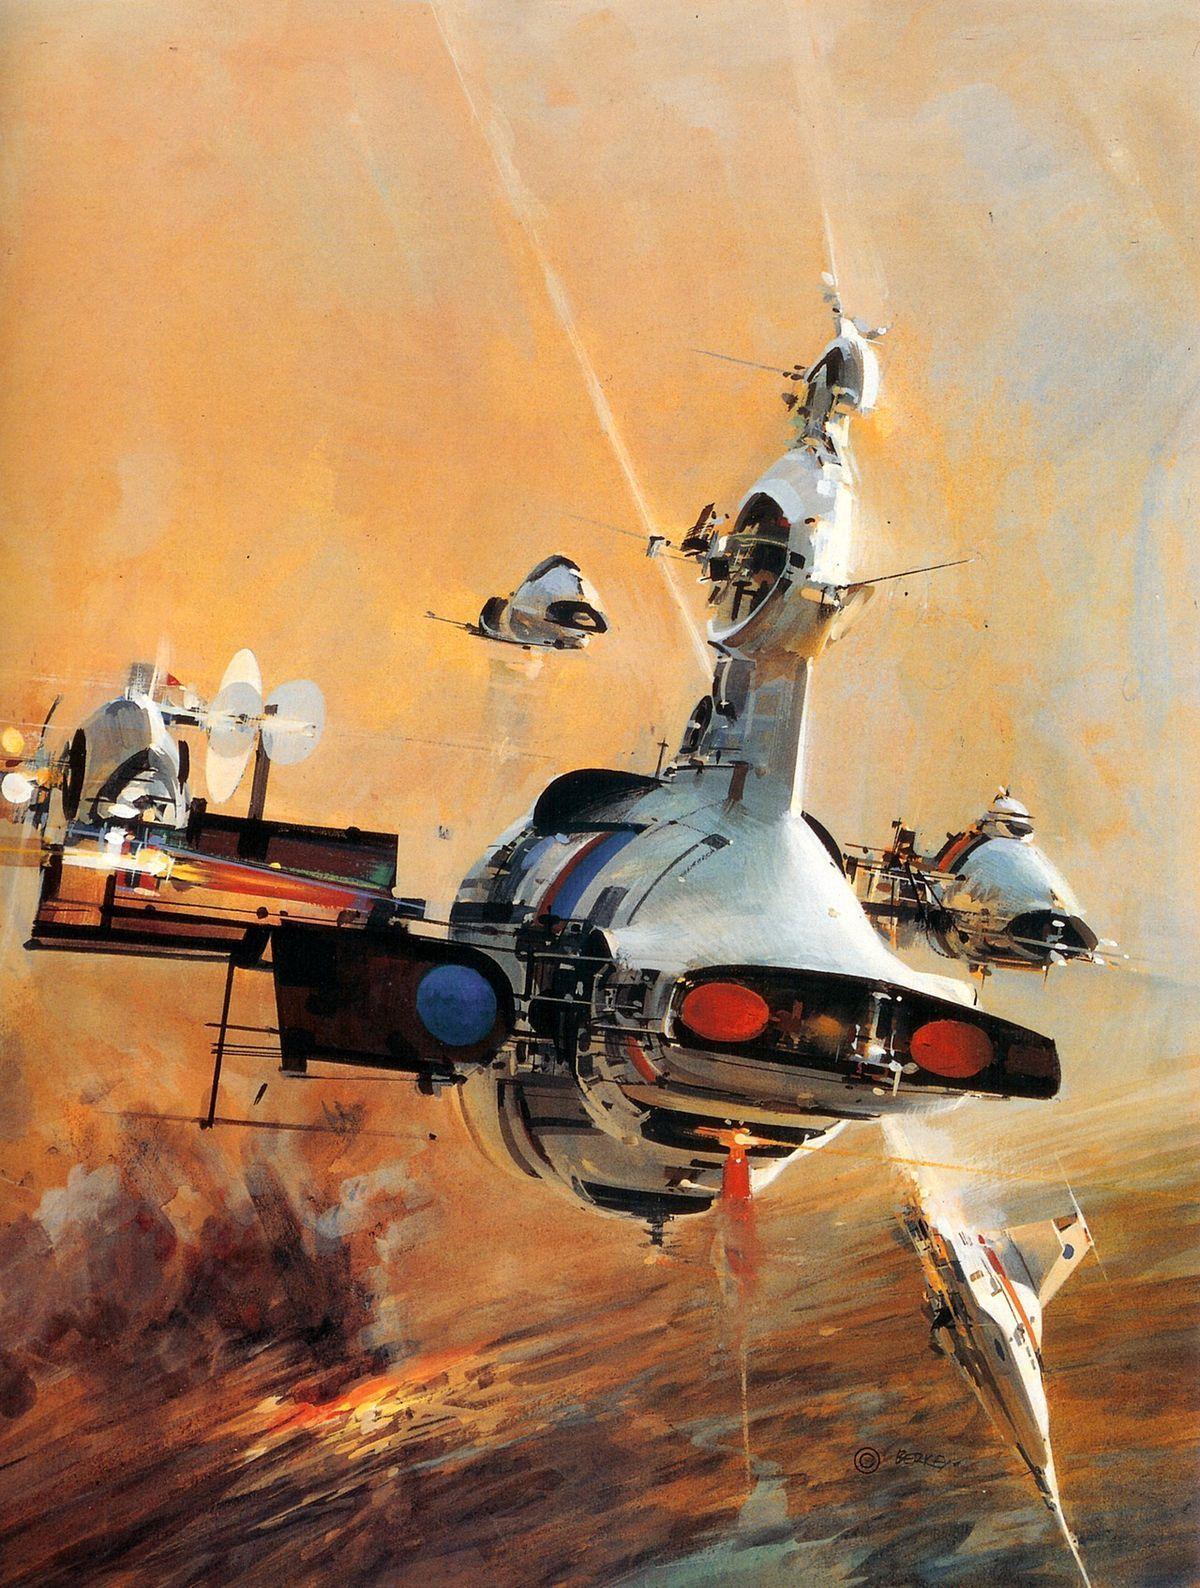 The beautiful space art of John Berkey | Art, Futuristic art